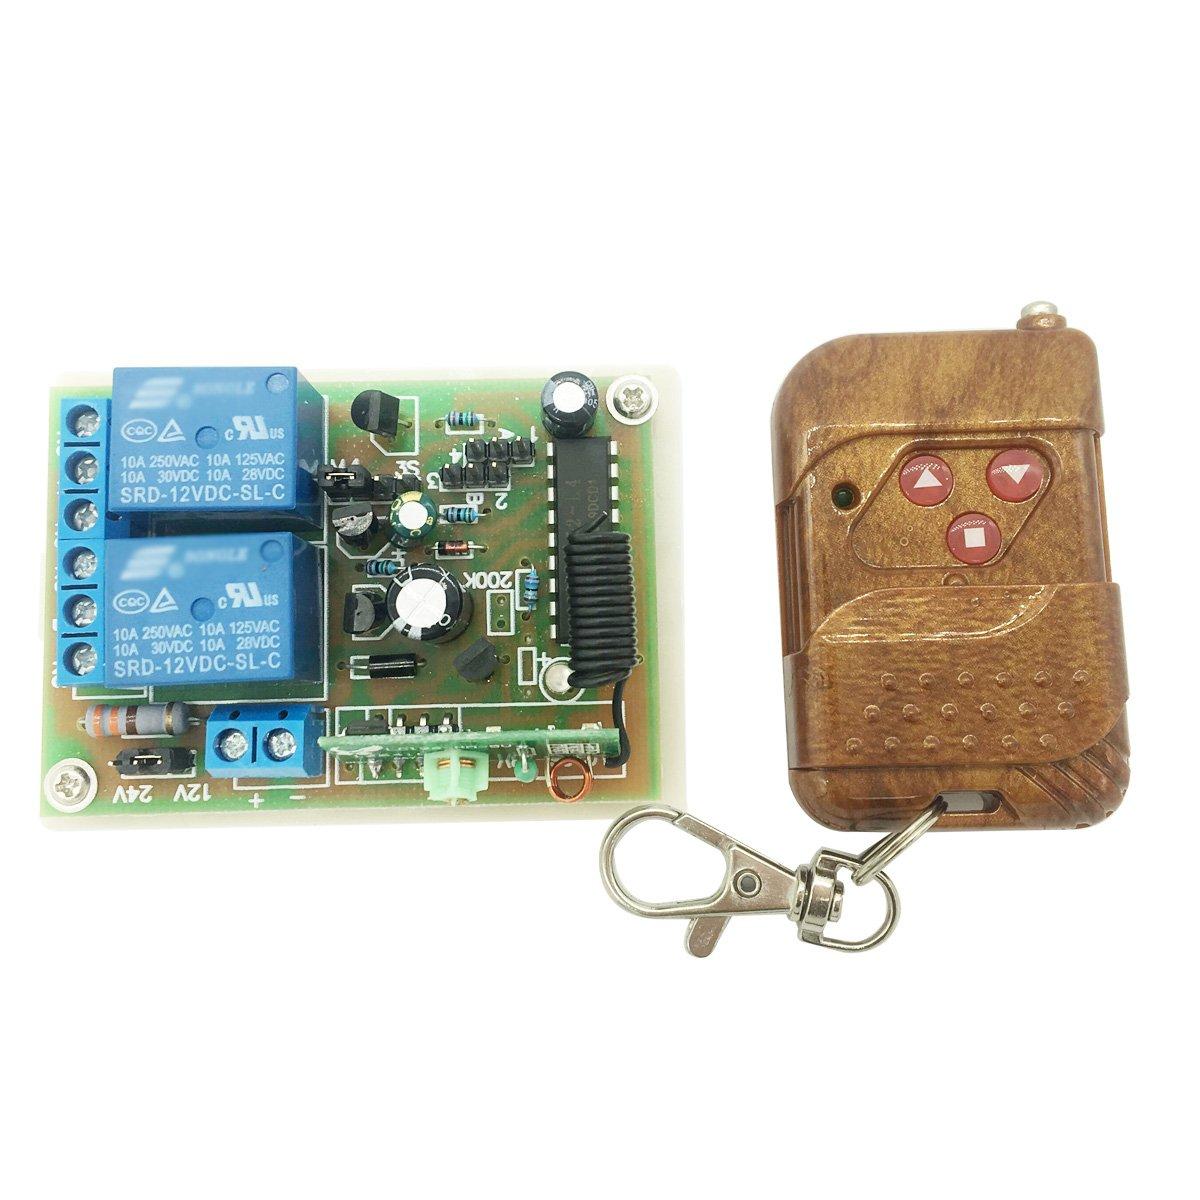 Bringsmart 12V 24V Wireless Remote Controller 2-way Receiver for DC Motor Housing Entrance Guard Machine Controller (Wireless controller)